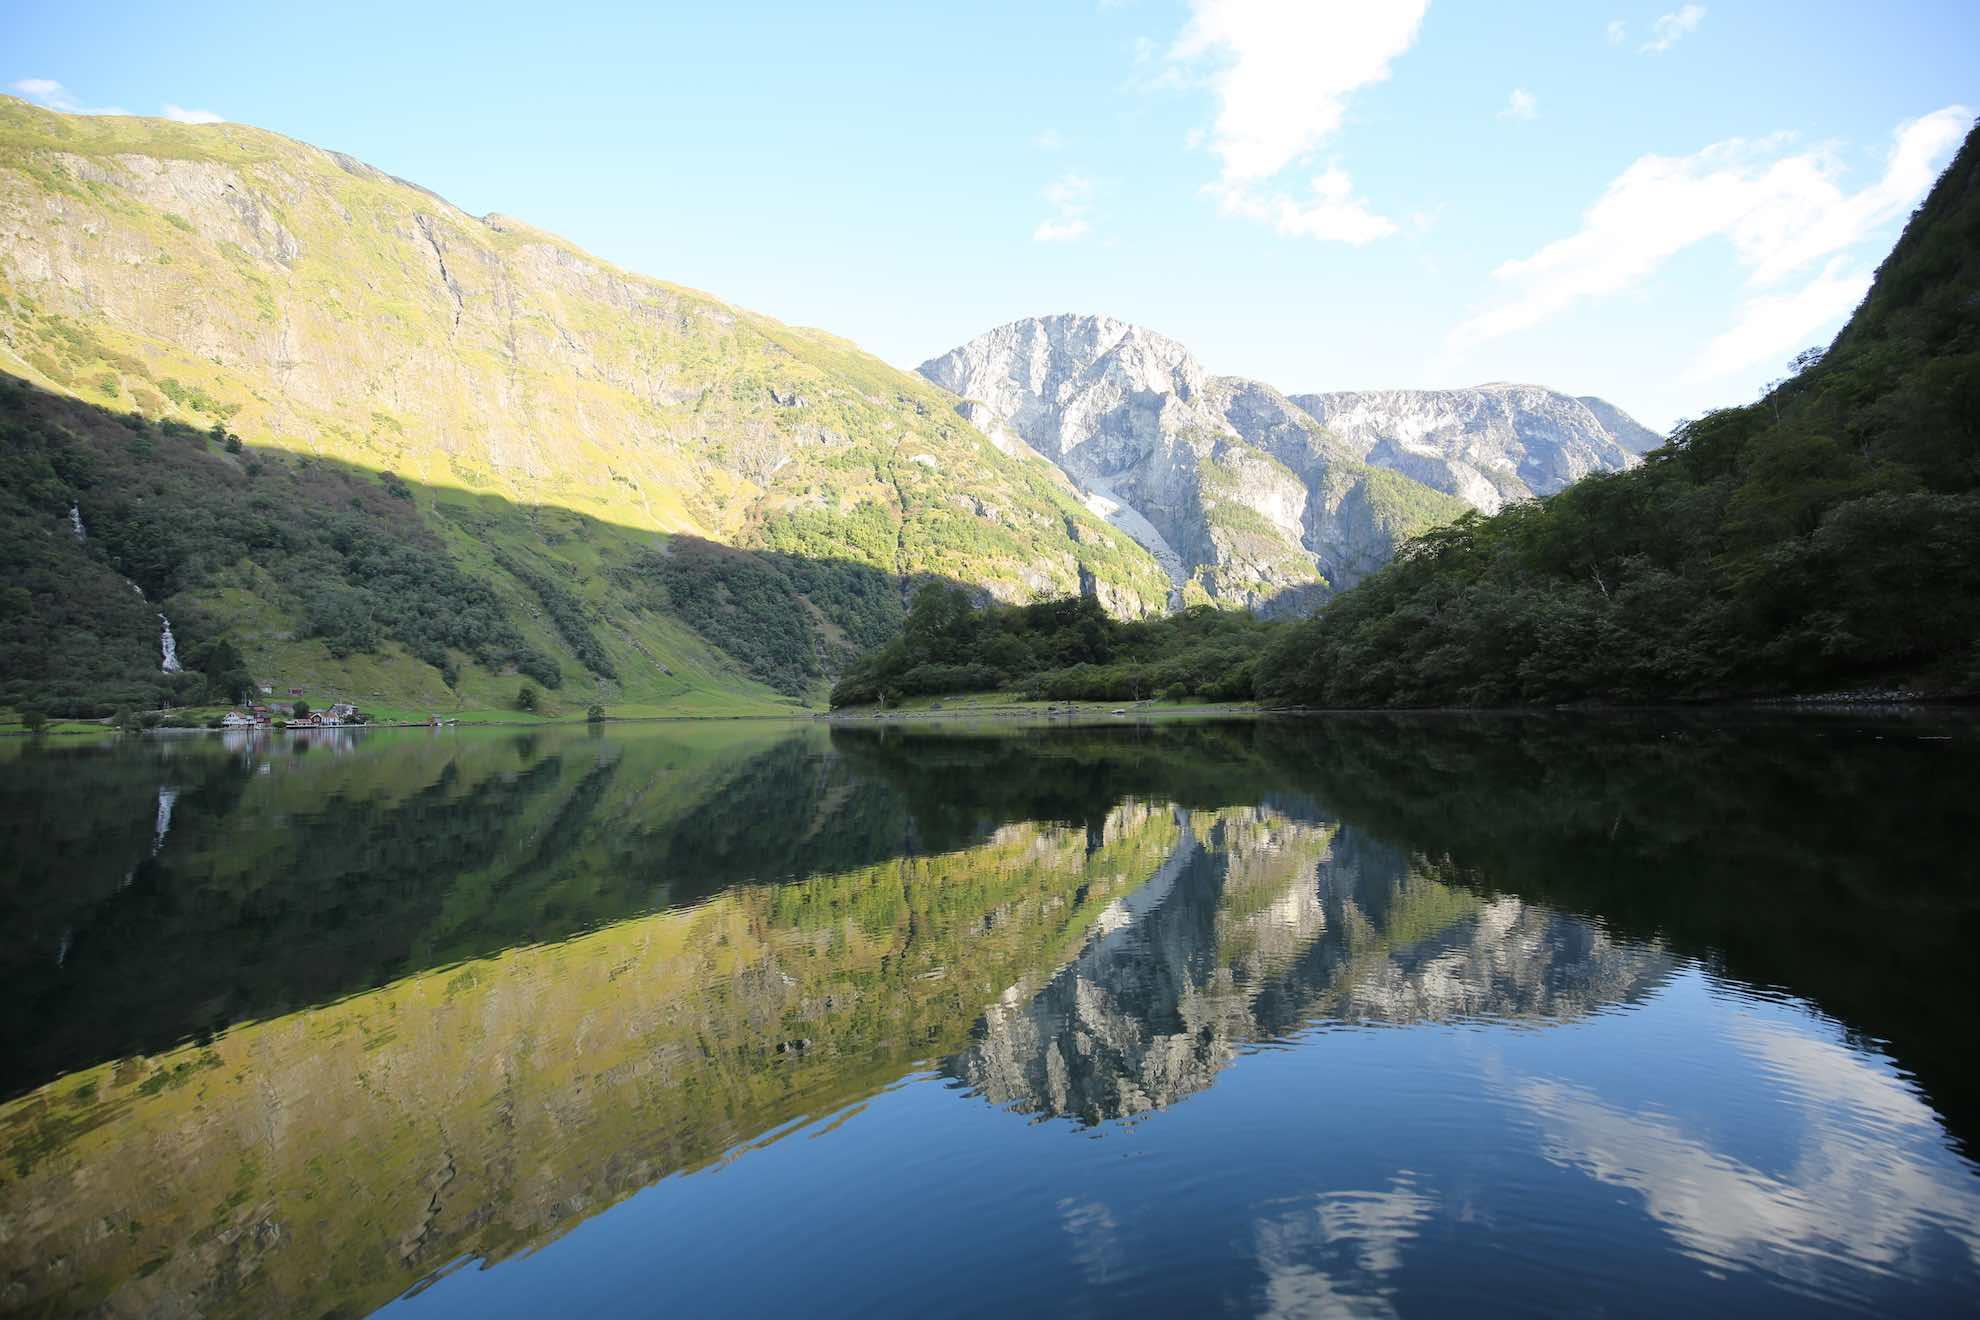 Schmelzwasser der Gletscher trifft in den Fjorden auf salziges Meerwasser.